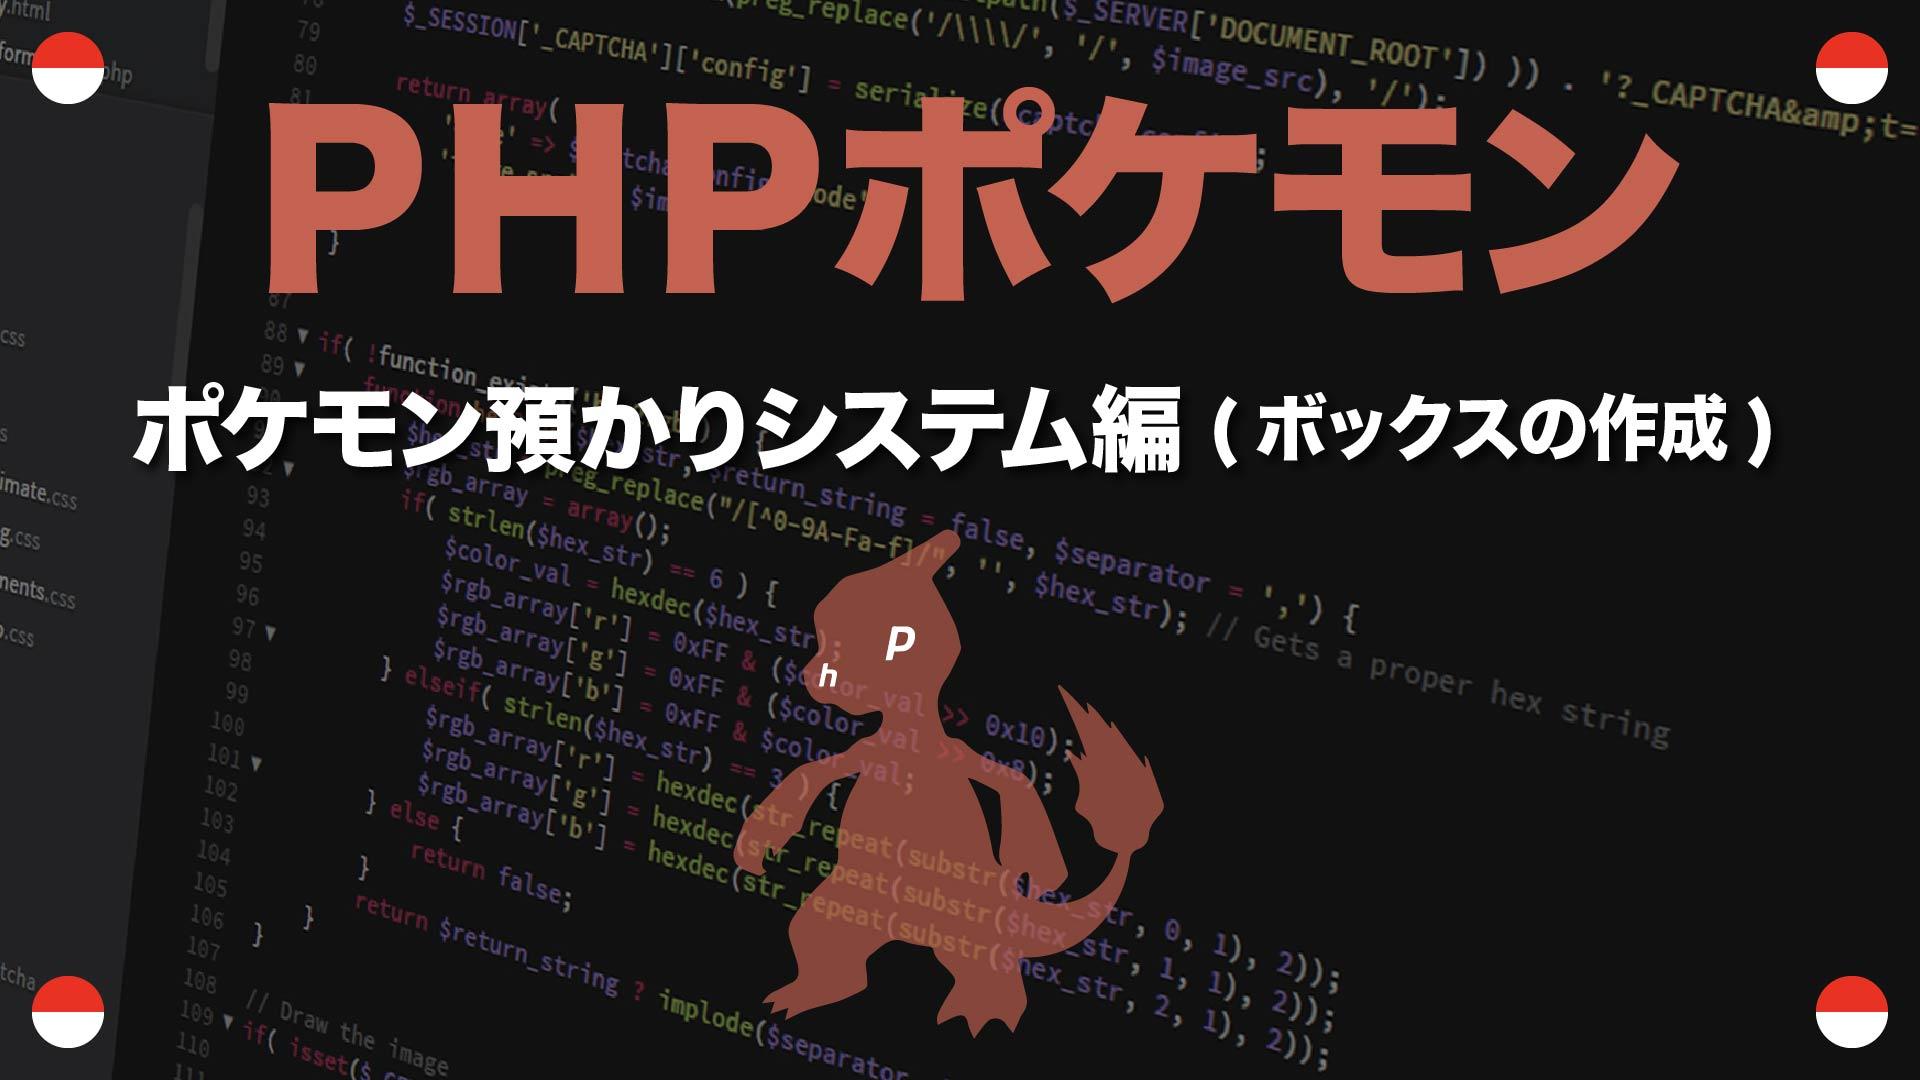 ポケモン預かりシステム編 ボックスの作成 PHPポケモン 86